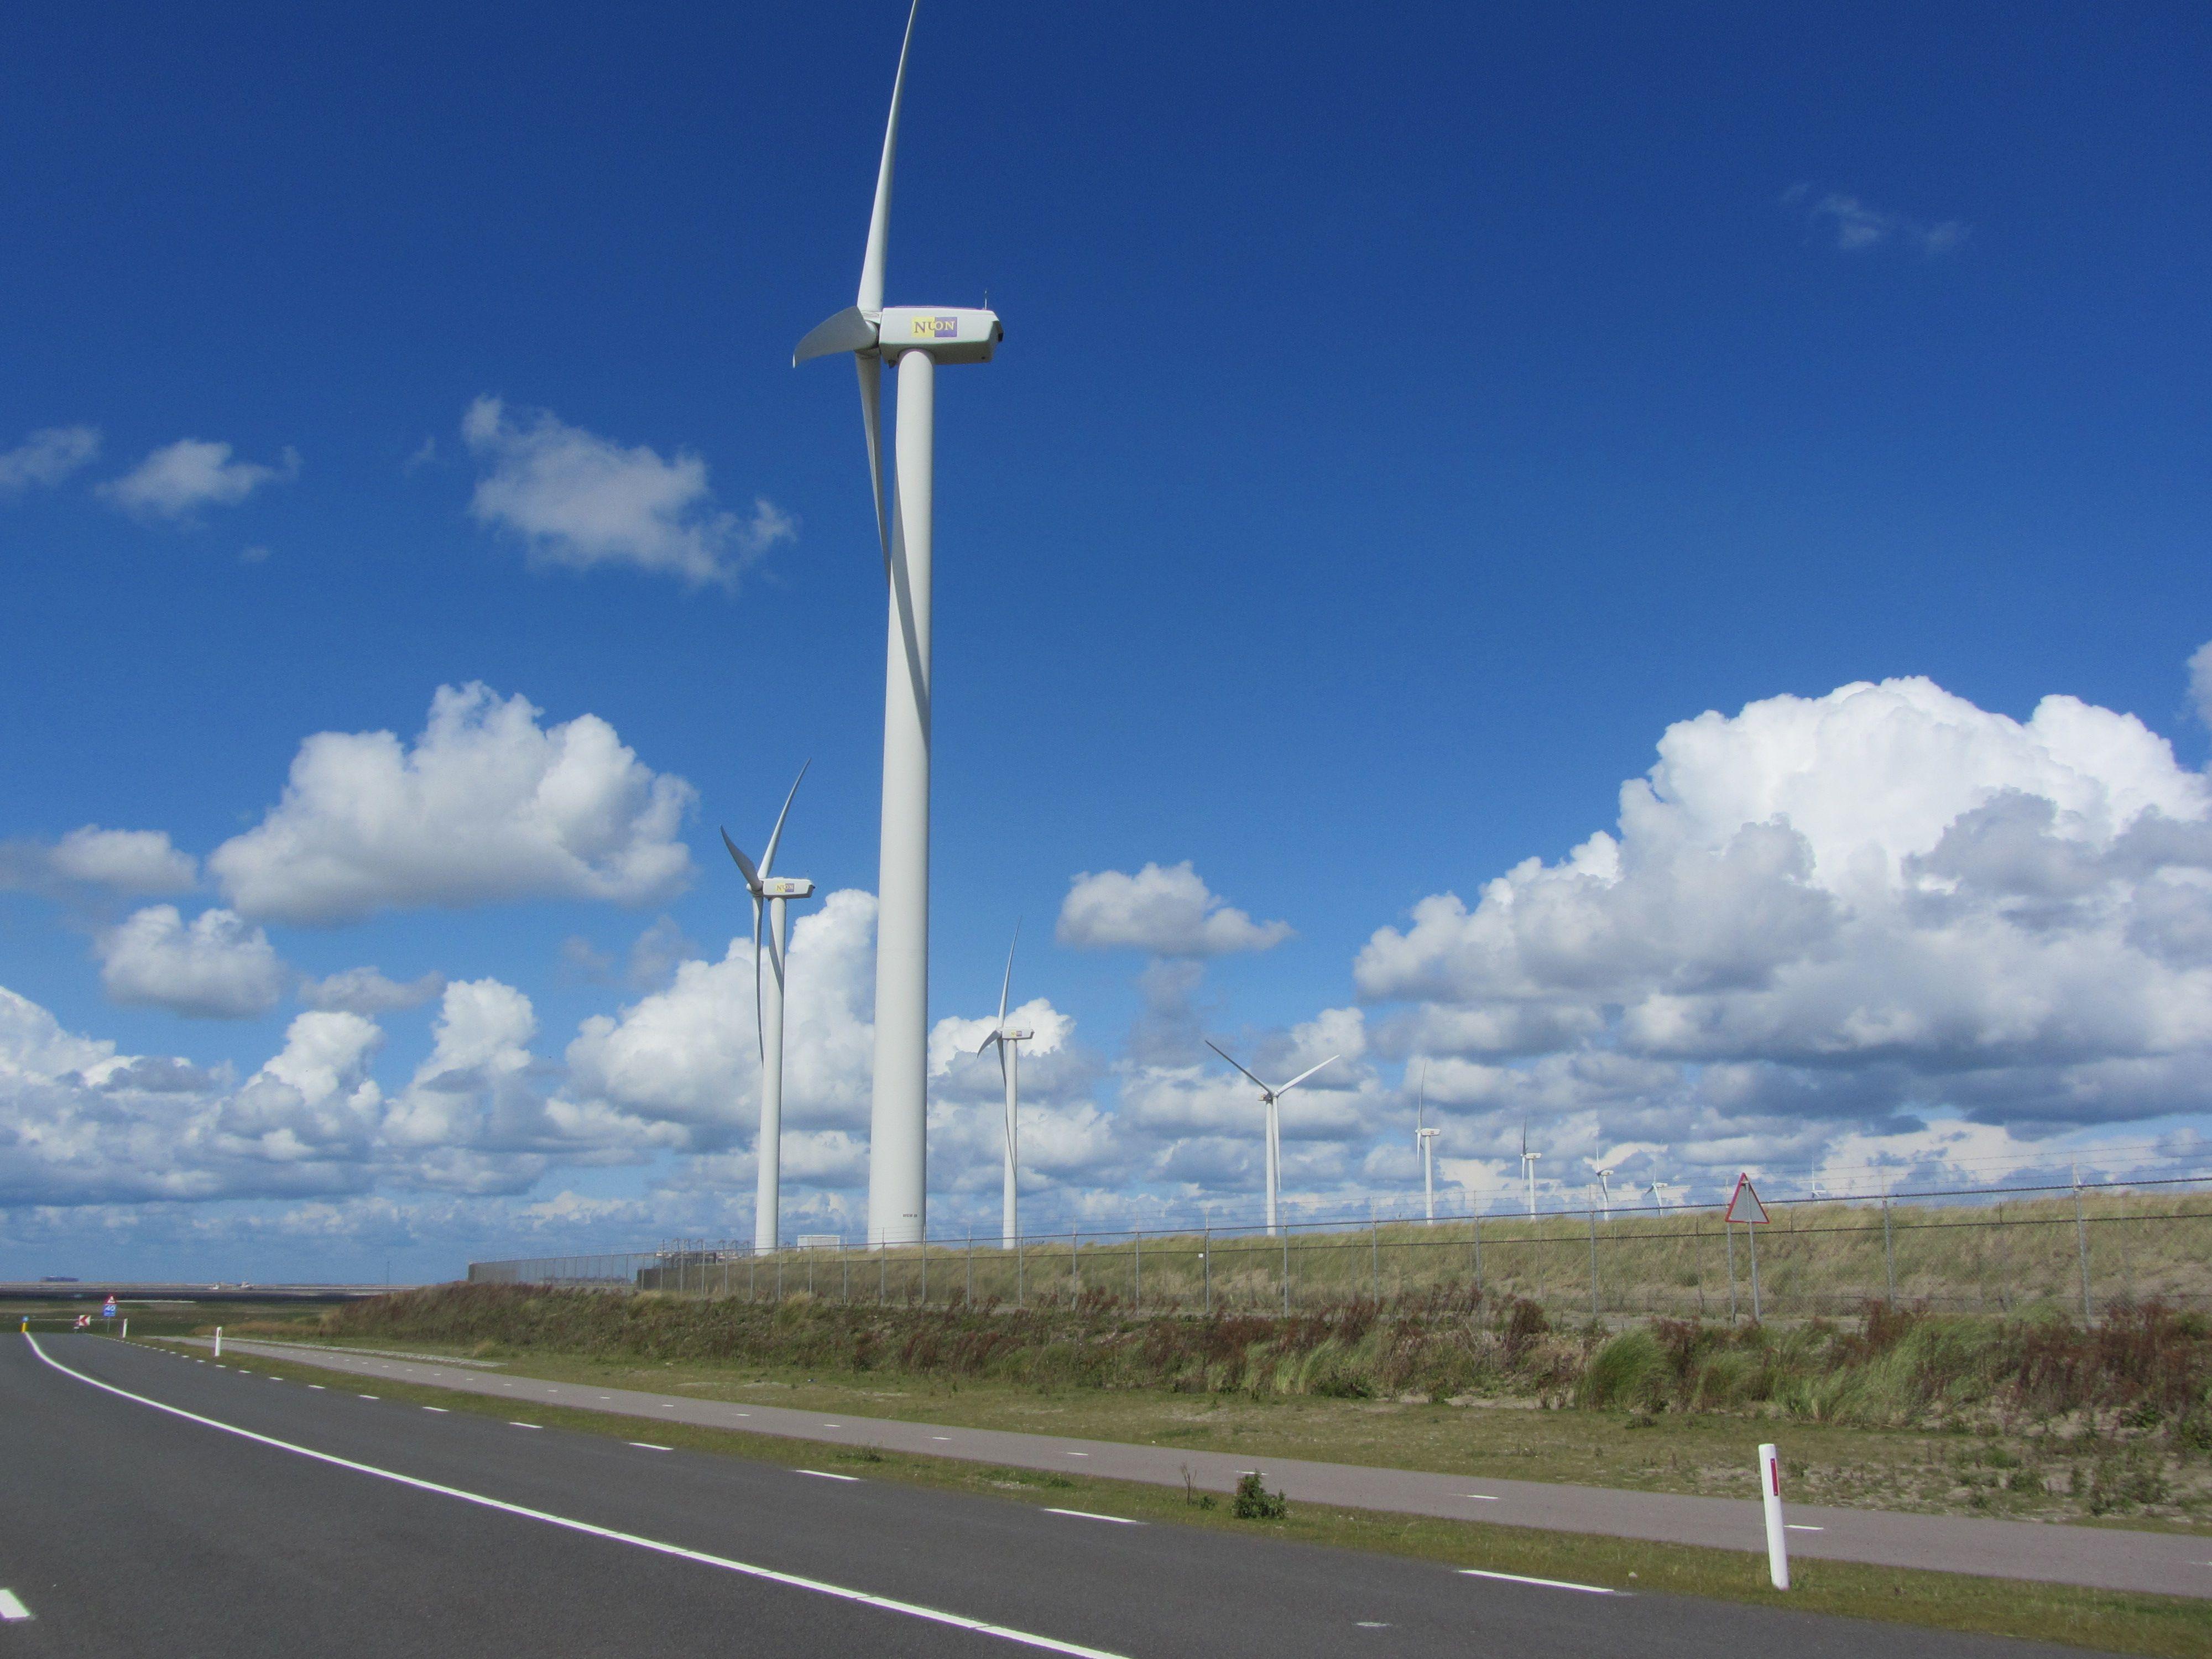 Ook op de maasvlakte windmolens